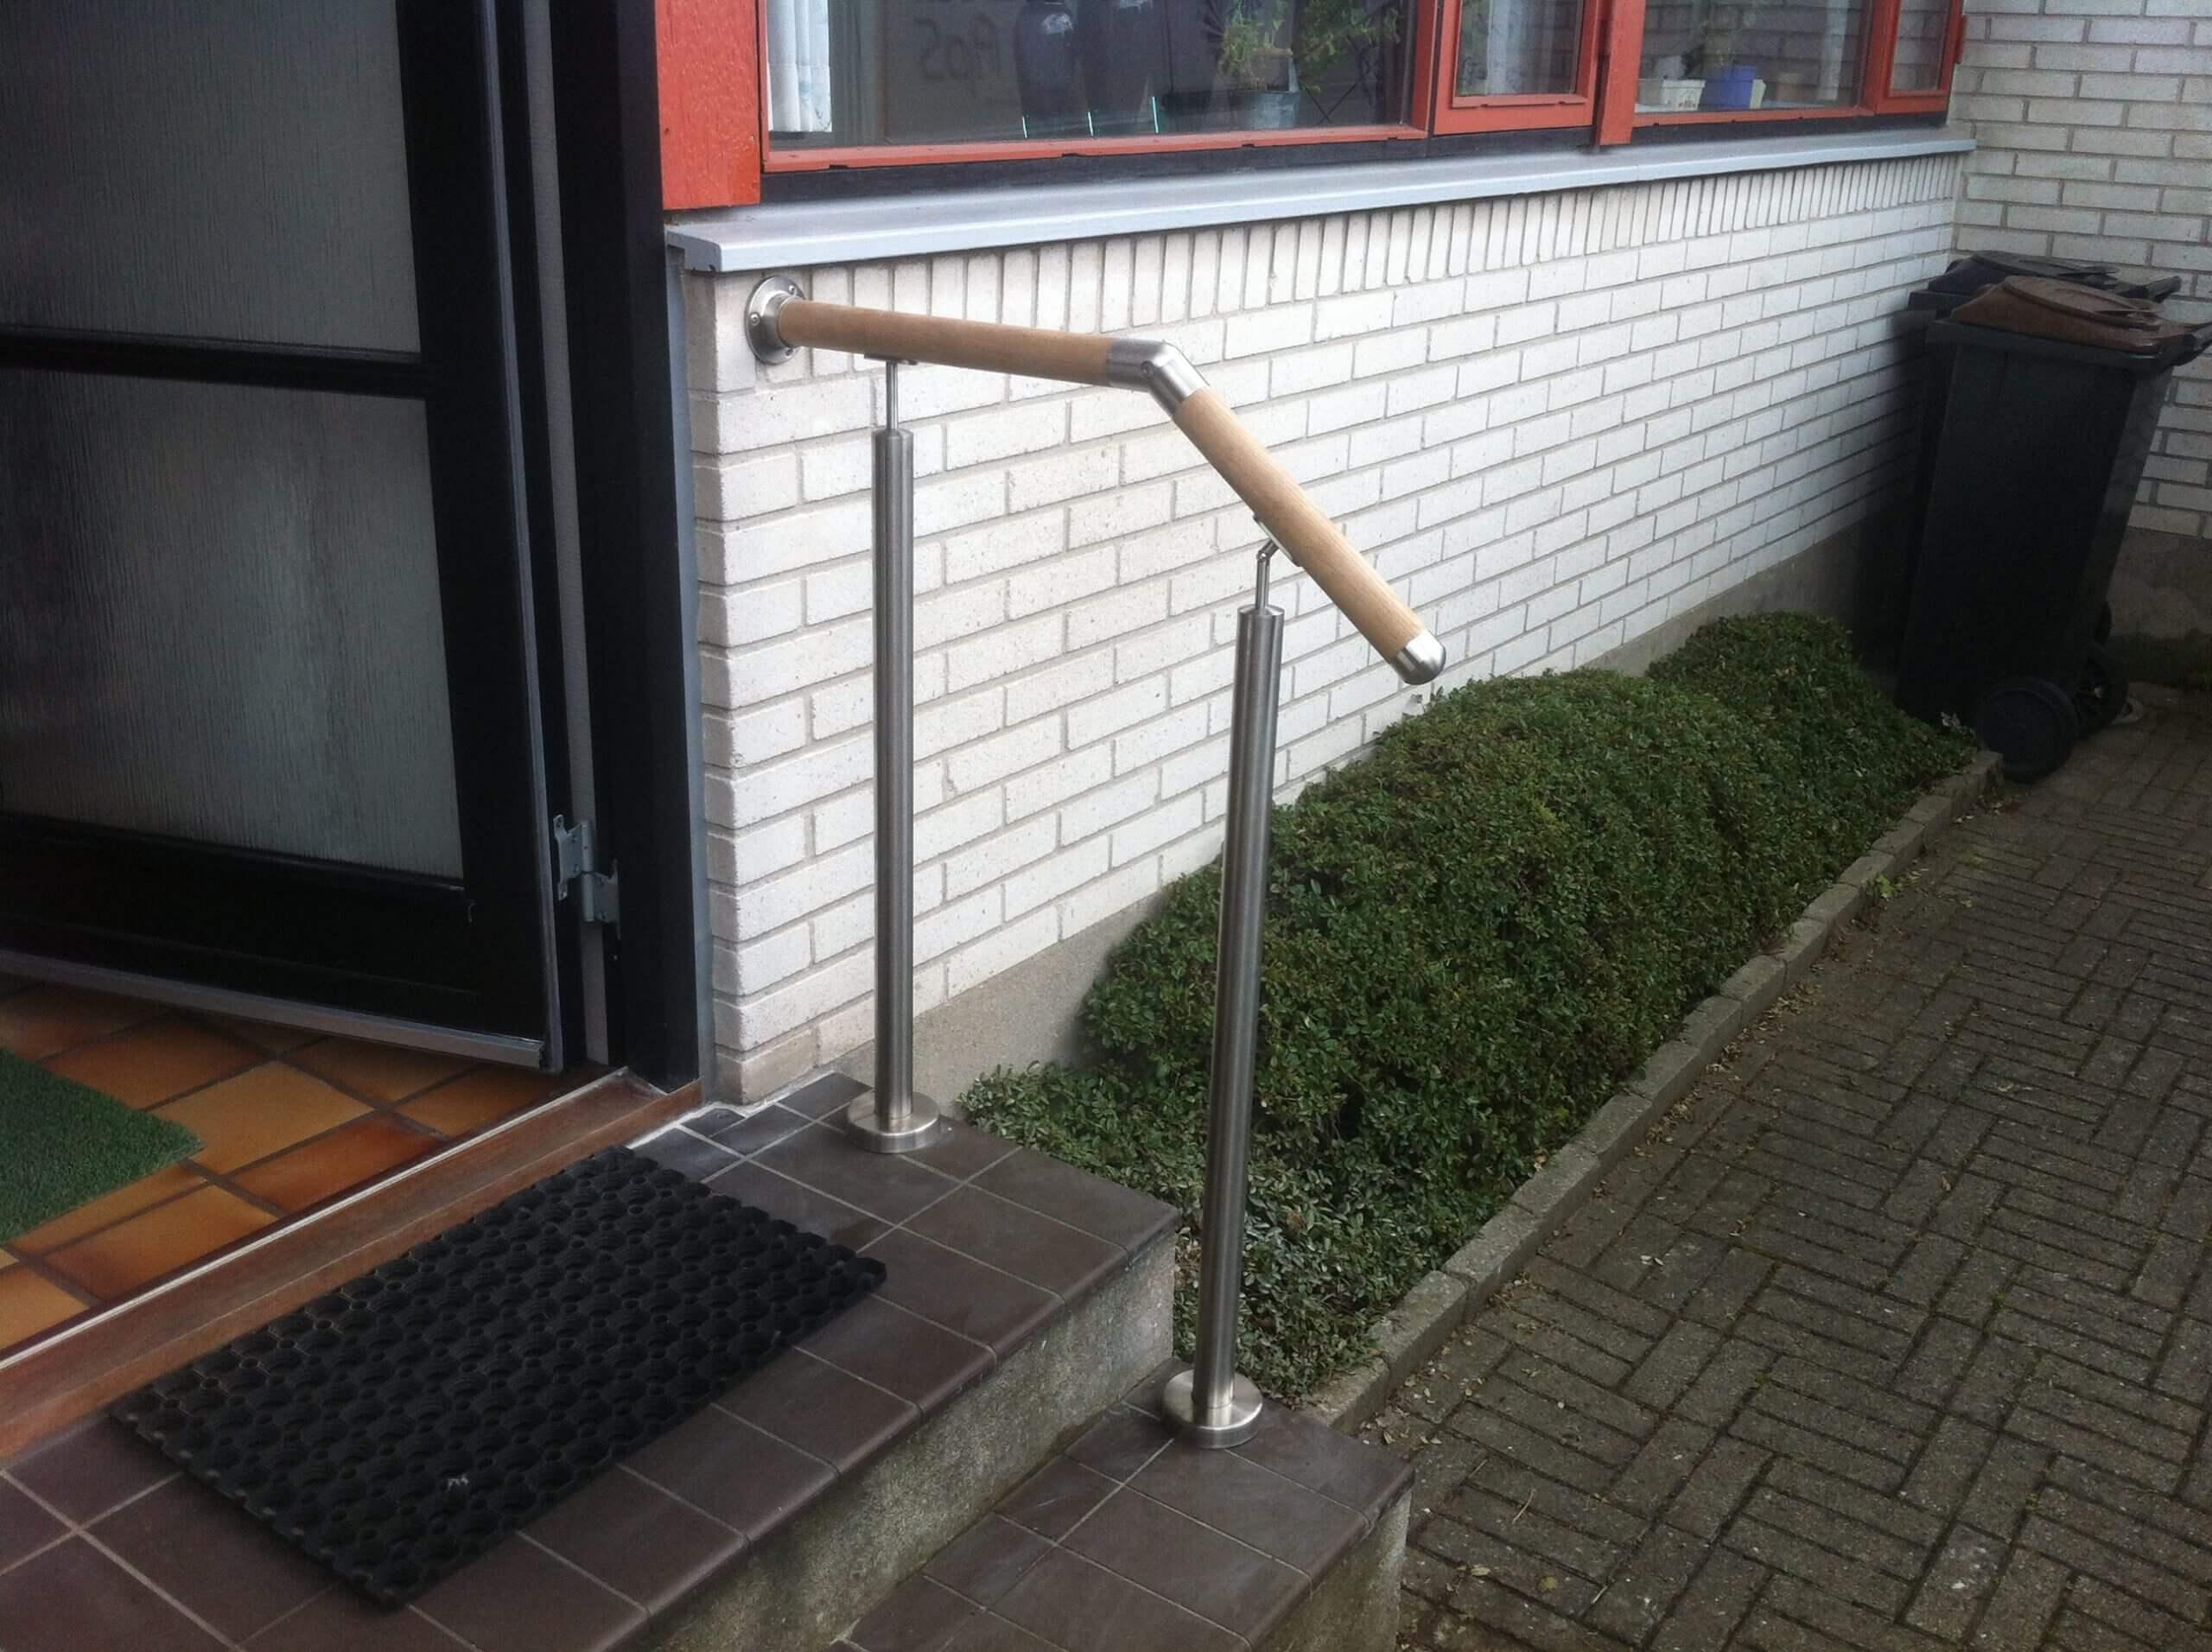 Crosinox gelænder og rækværker, monteret på en indgangs trappe